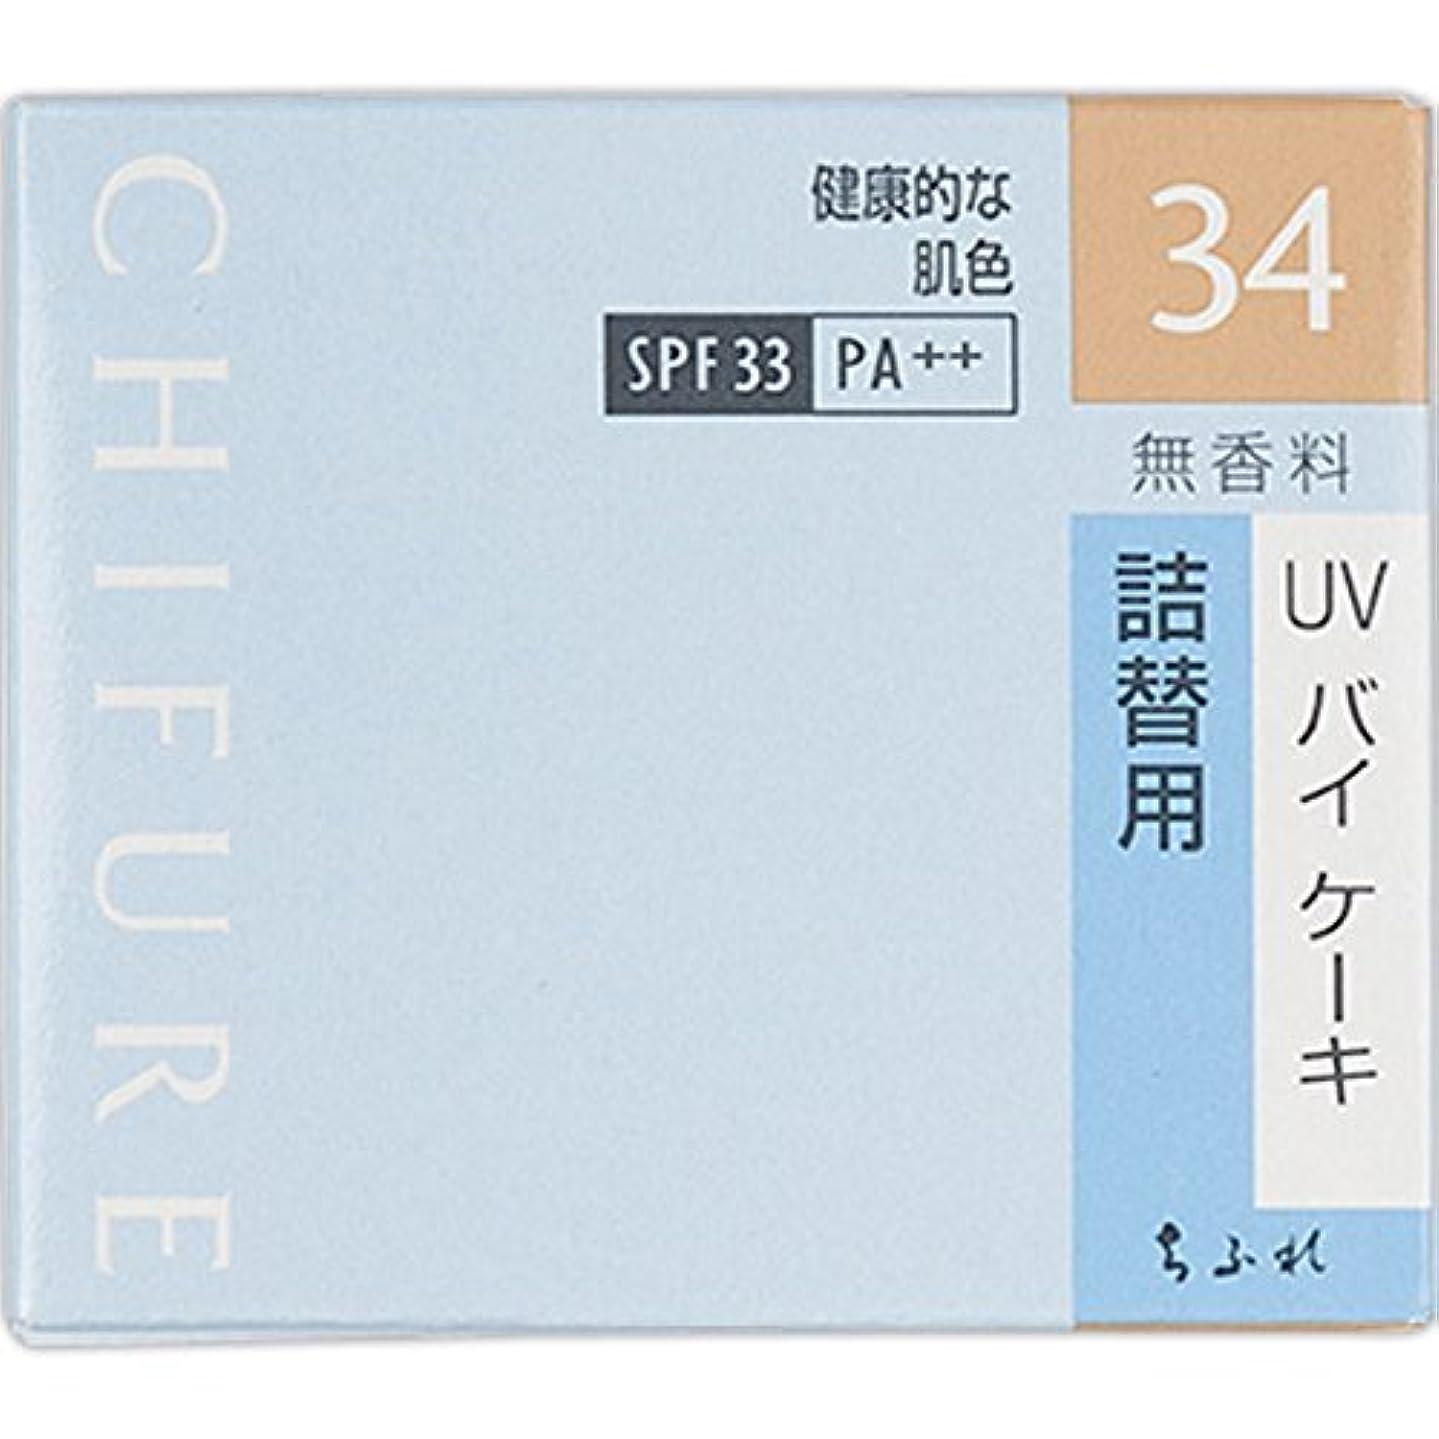 ごちそうユニークな掻くちふれ化粧品 UV バイ ケーキ 詰替用 34 健康的な肌色 14g